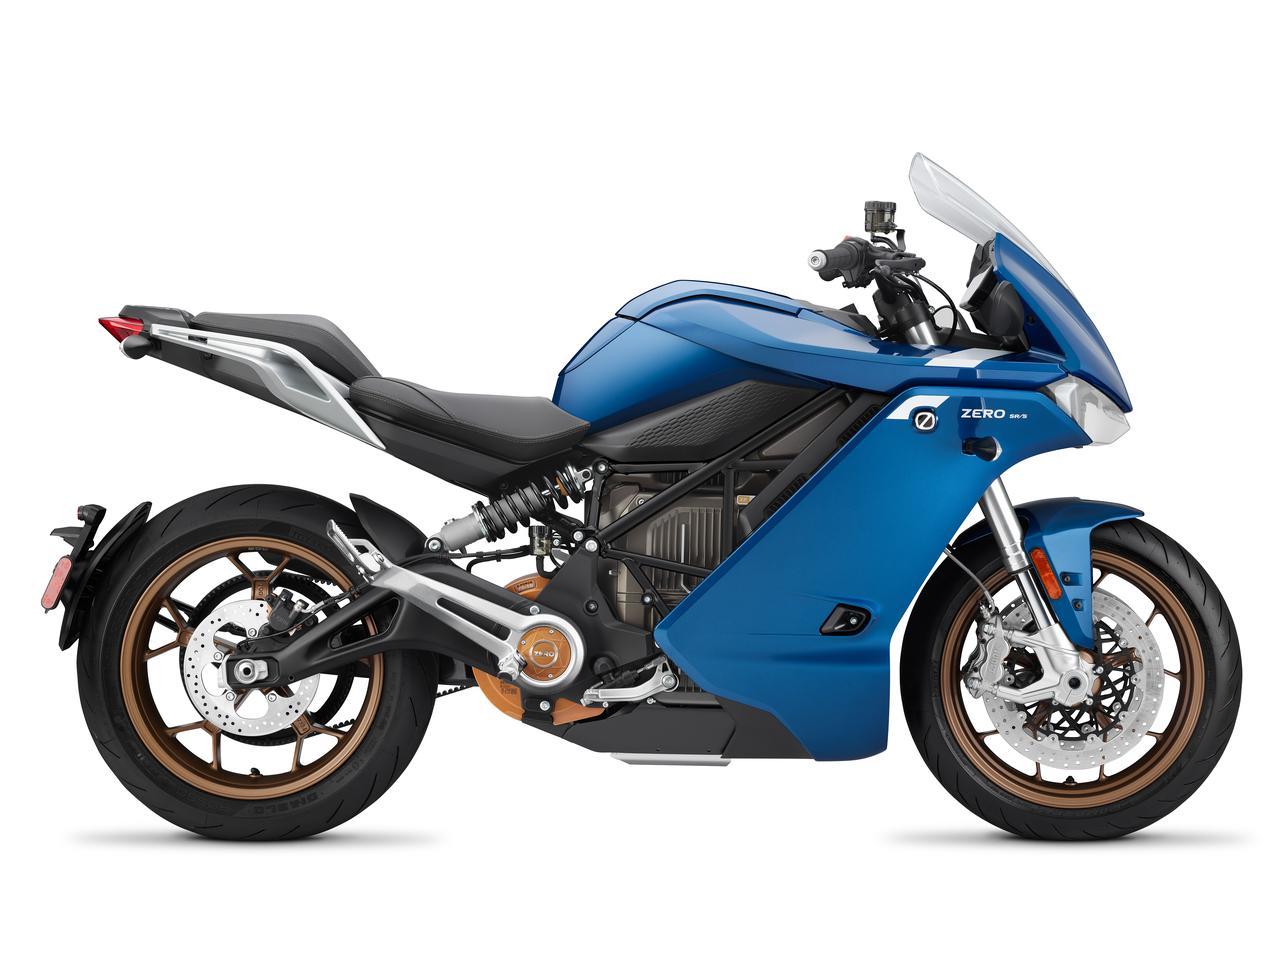 画像: SR/Sは、フルフェアリングを備えたゼロの最上級スポーツモデル。最高出力は82kw(110PS)/5,000rpmで、運転にはAT含む大型自動二輪が必要です。 www.rental819.com